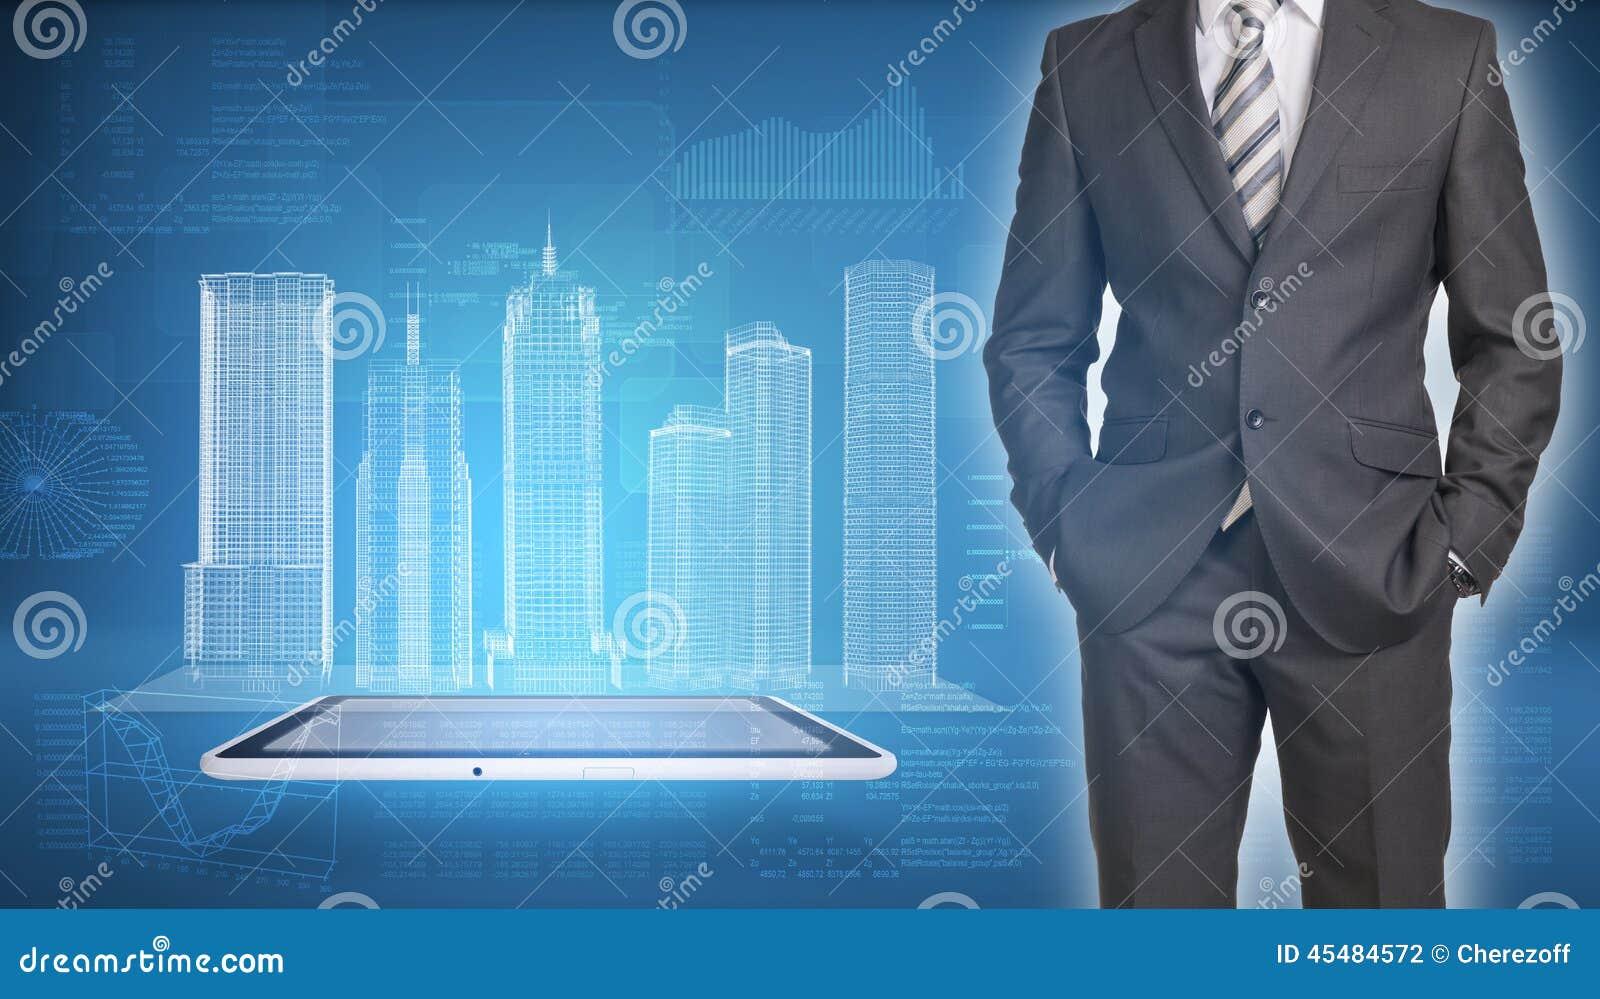 在屏幕上的商人和导线框架大厦